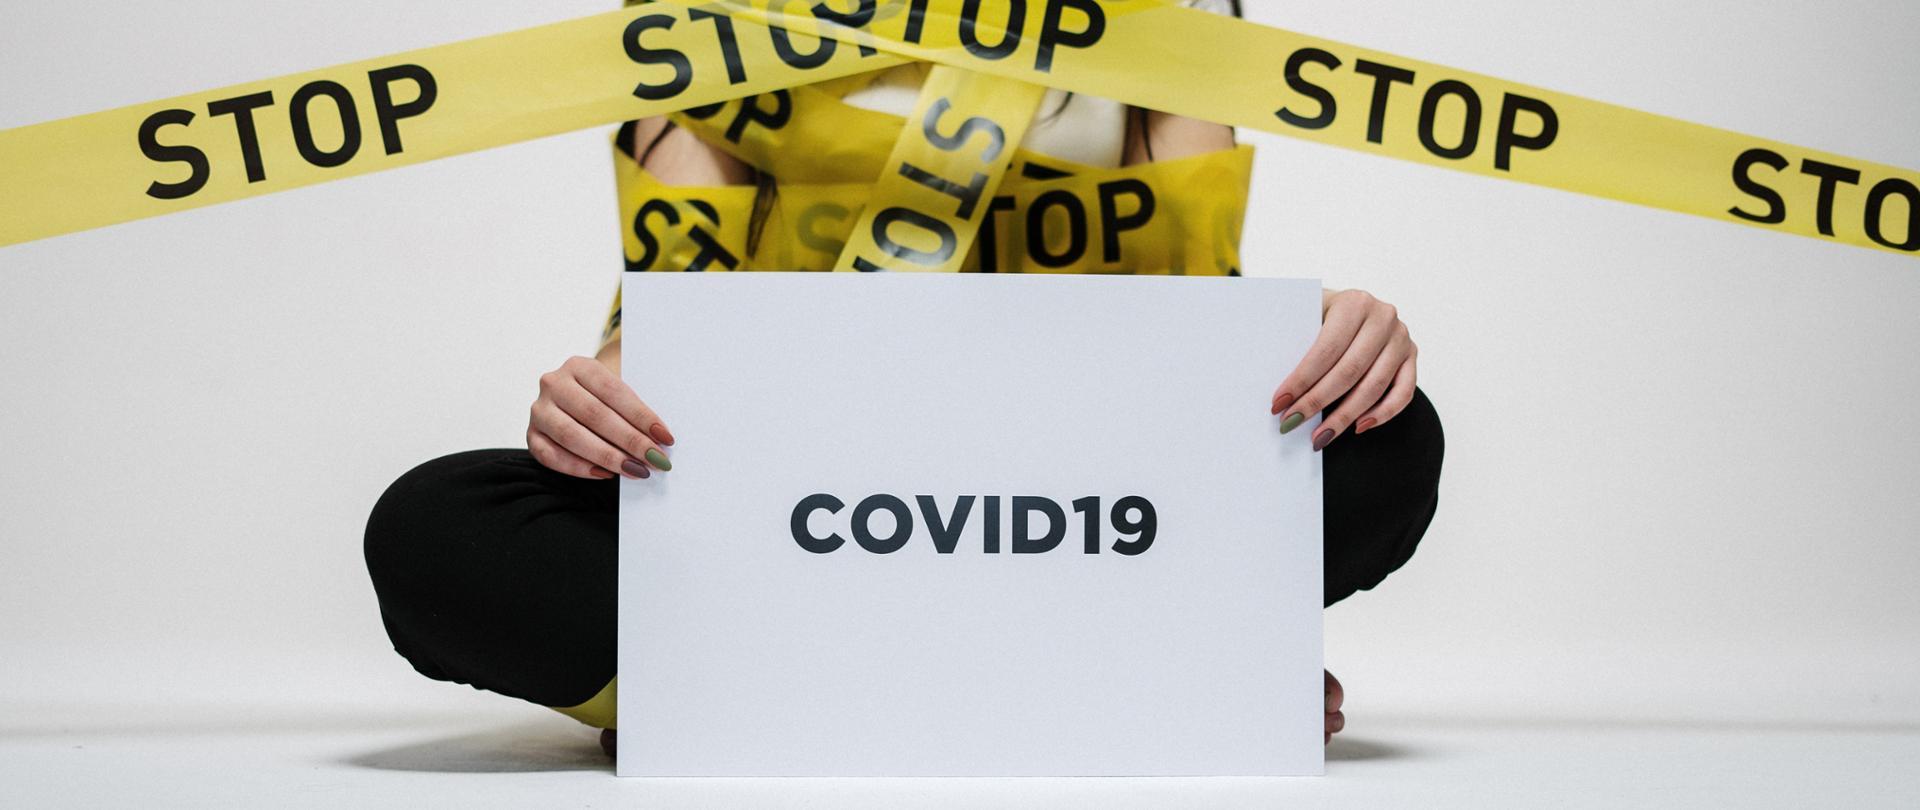 Sylwetka osoby siedzącej po turecku, w dłoniach kartka z napisem COVID19